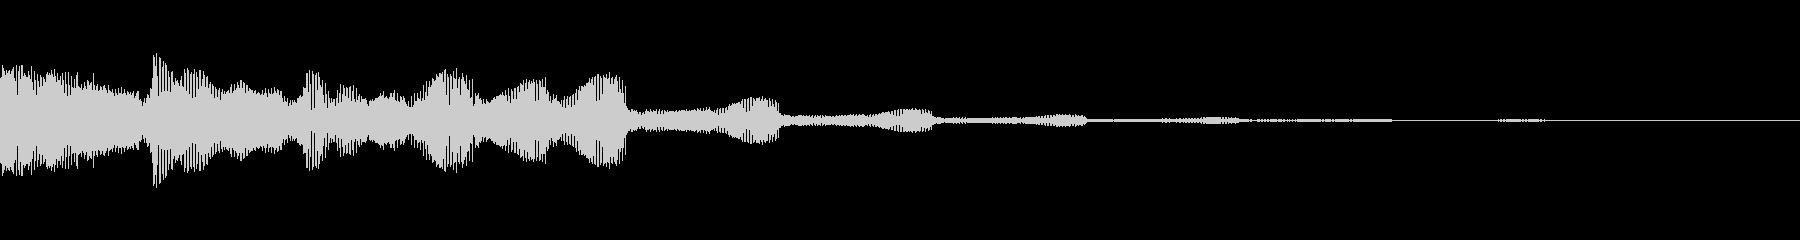 EDM テクノ など Voxの未再生の波形